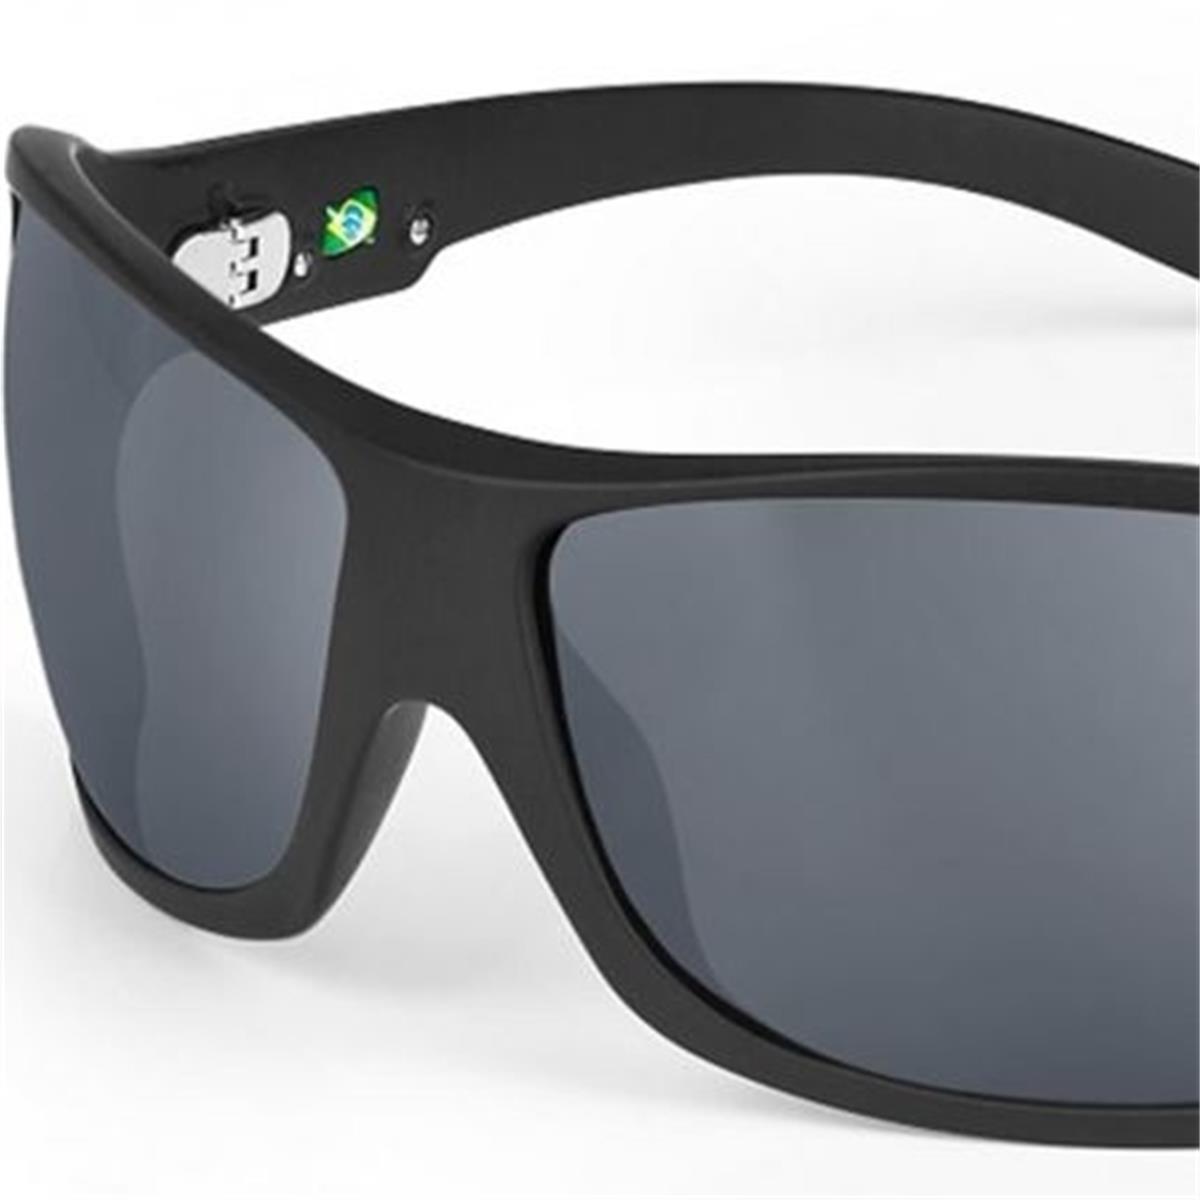 7dc595b37c7a9 Óculos de Sol Polarizado Preto Fosco GALAPAGOS Mormaii